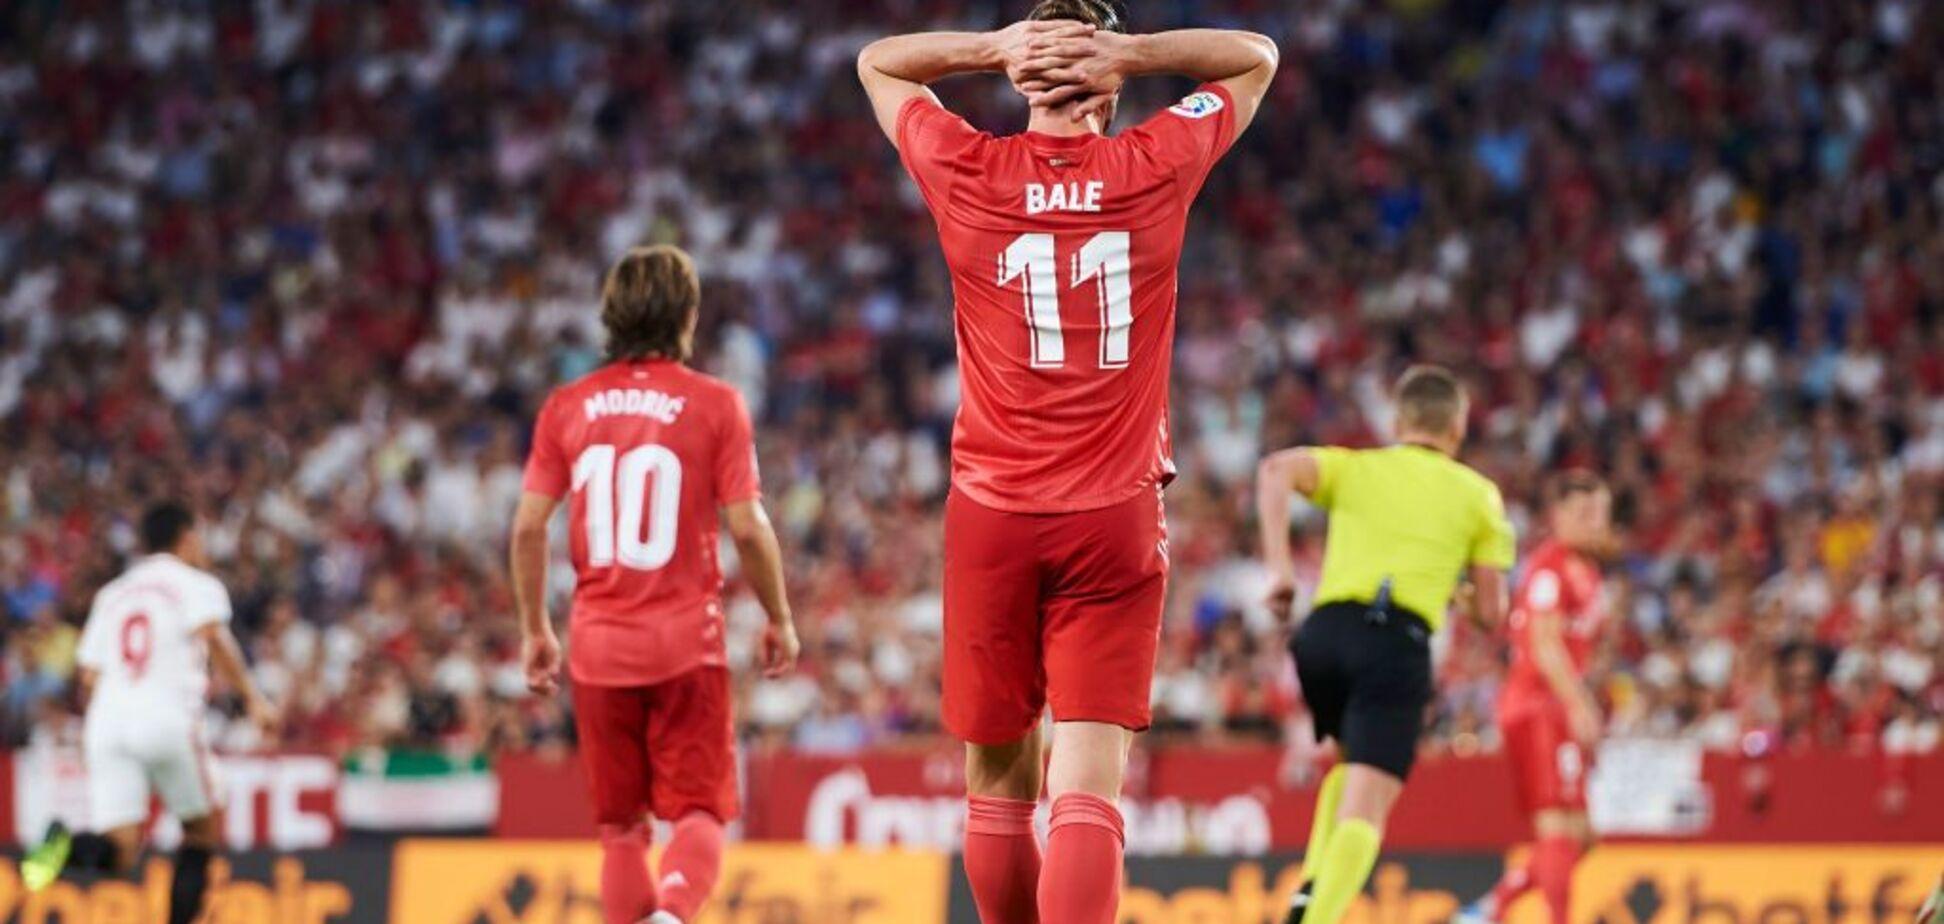 'Реал' із тріском програв у чемпіонаті Іспанії: відеоогляд